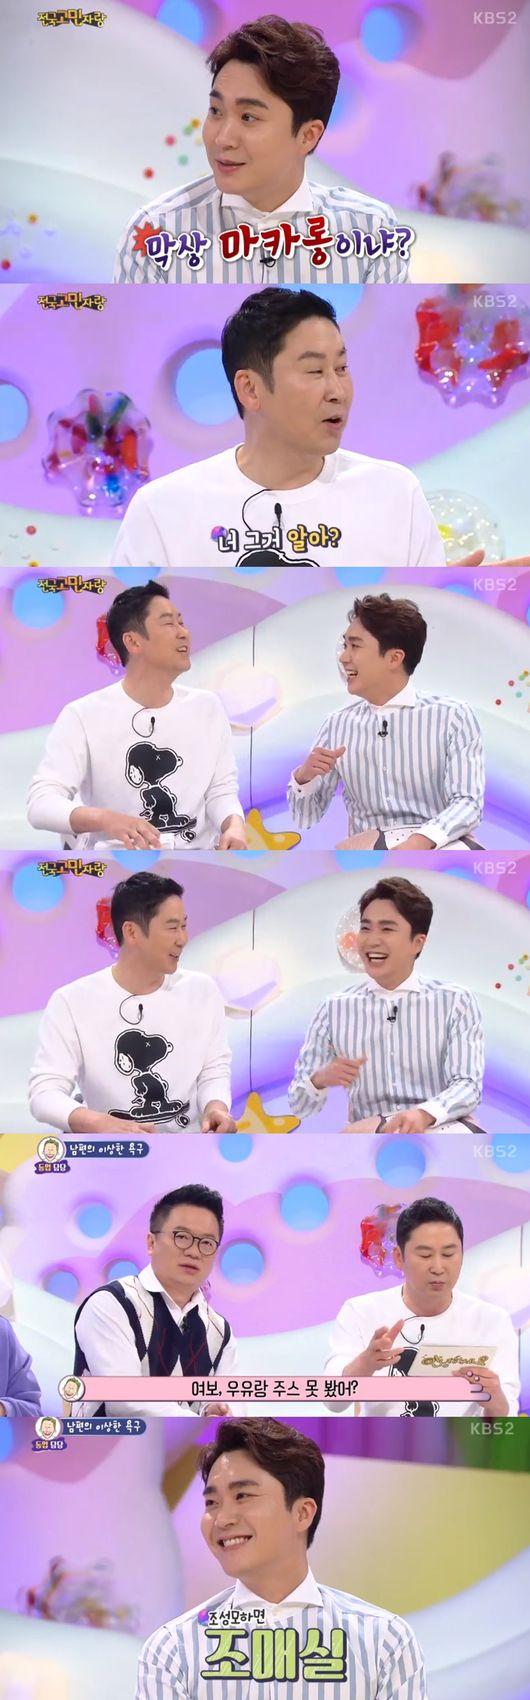 """[Oh!쎈 리뷰]`안녕하세요` 신동엽, 조성모 썰렁 아재개그에 """"신인때도‥"""""""